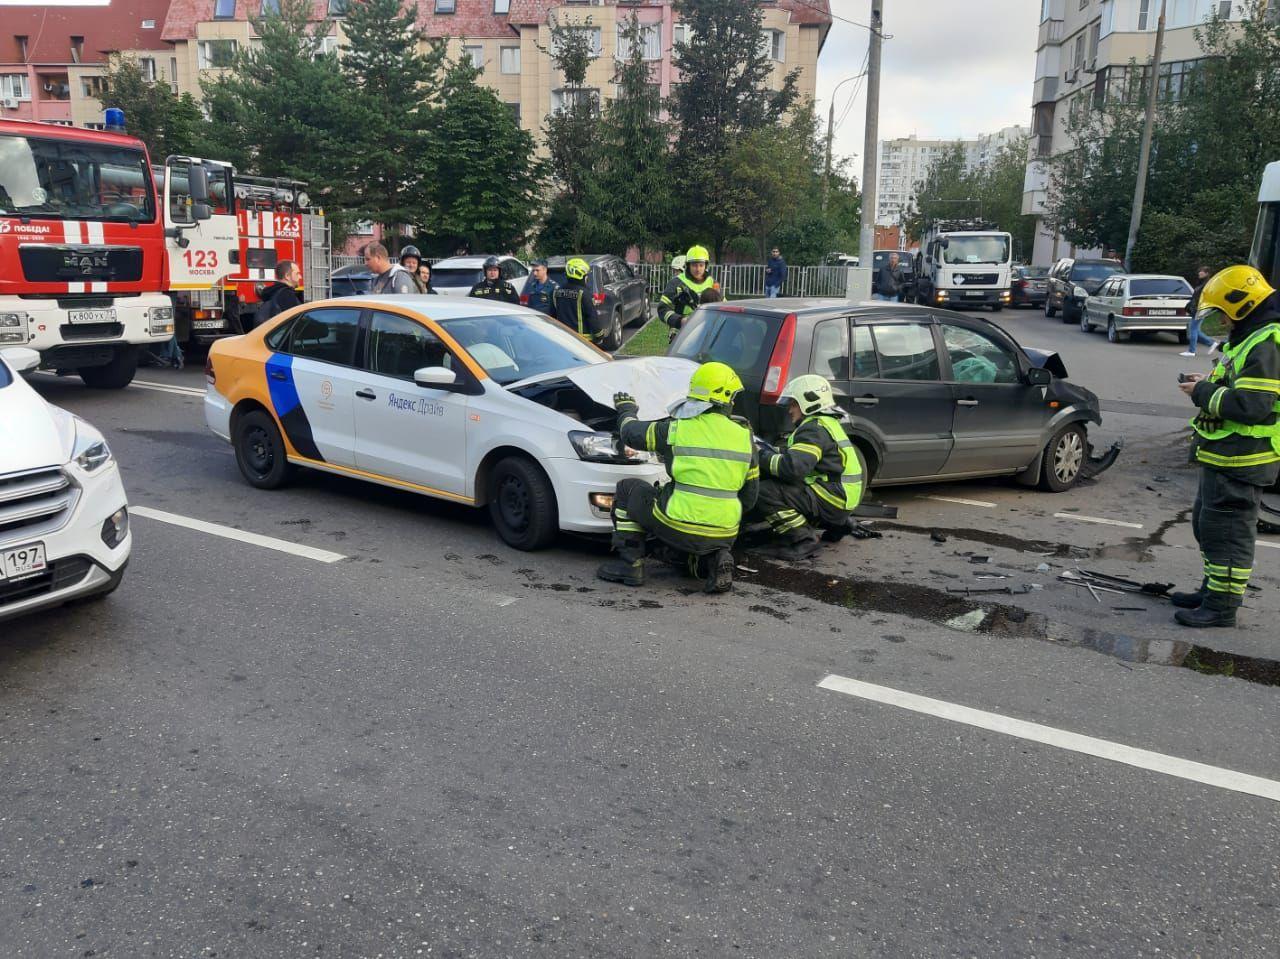 МАЦ, вертолет МАЦ, спасатели, ДТП, пожарные, происшествия в Москве